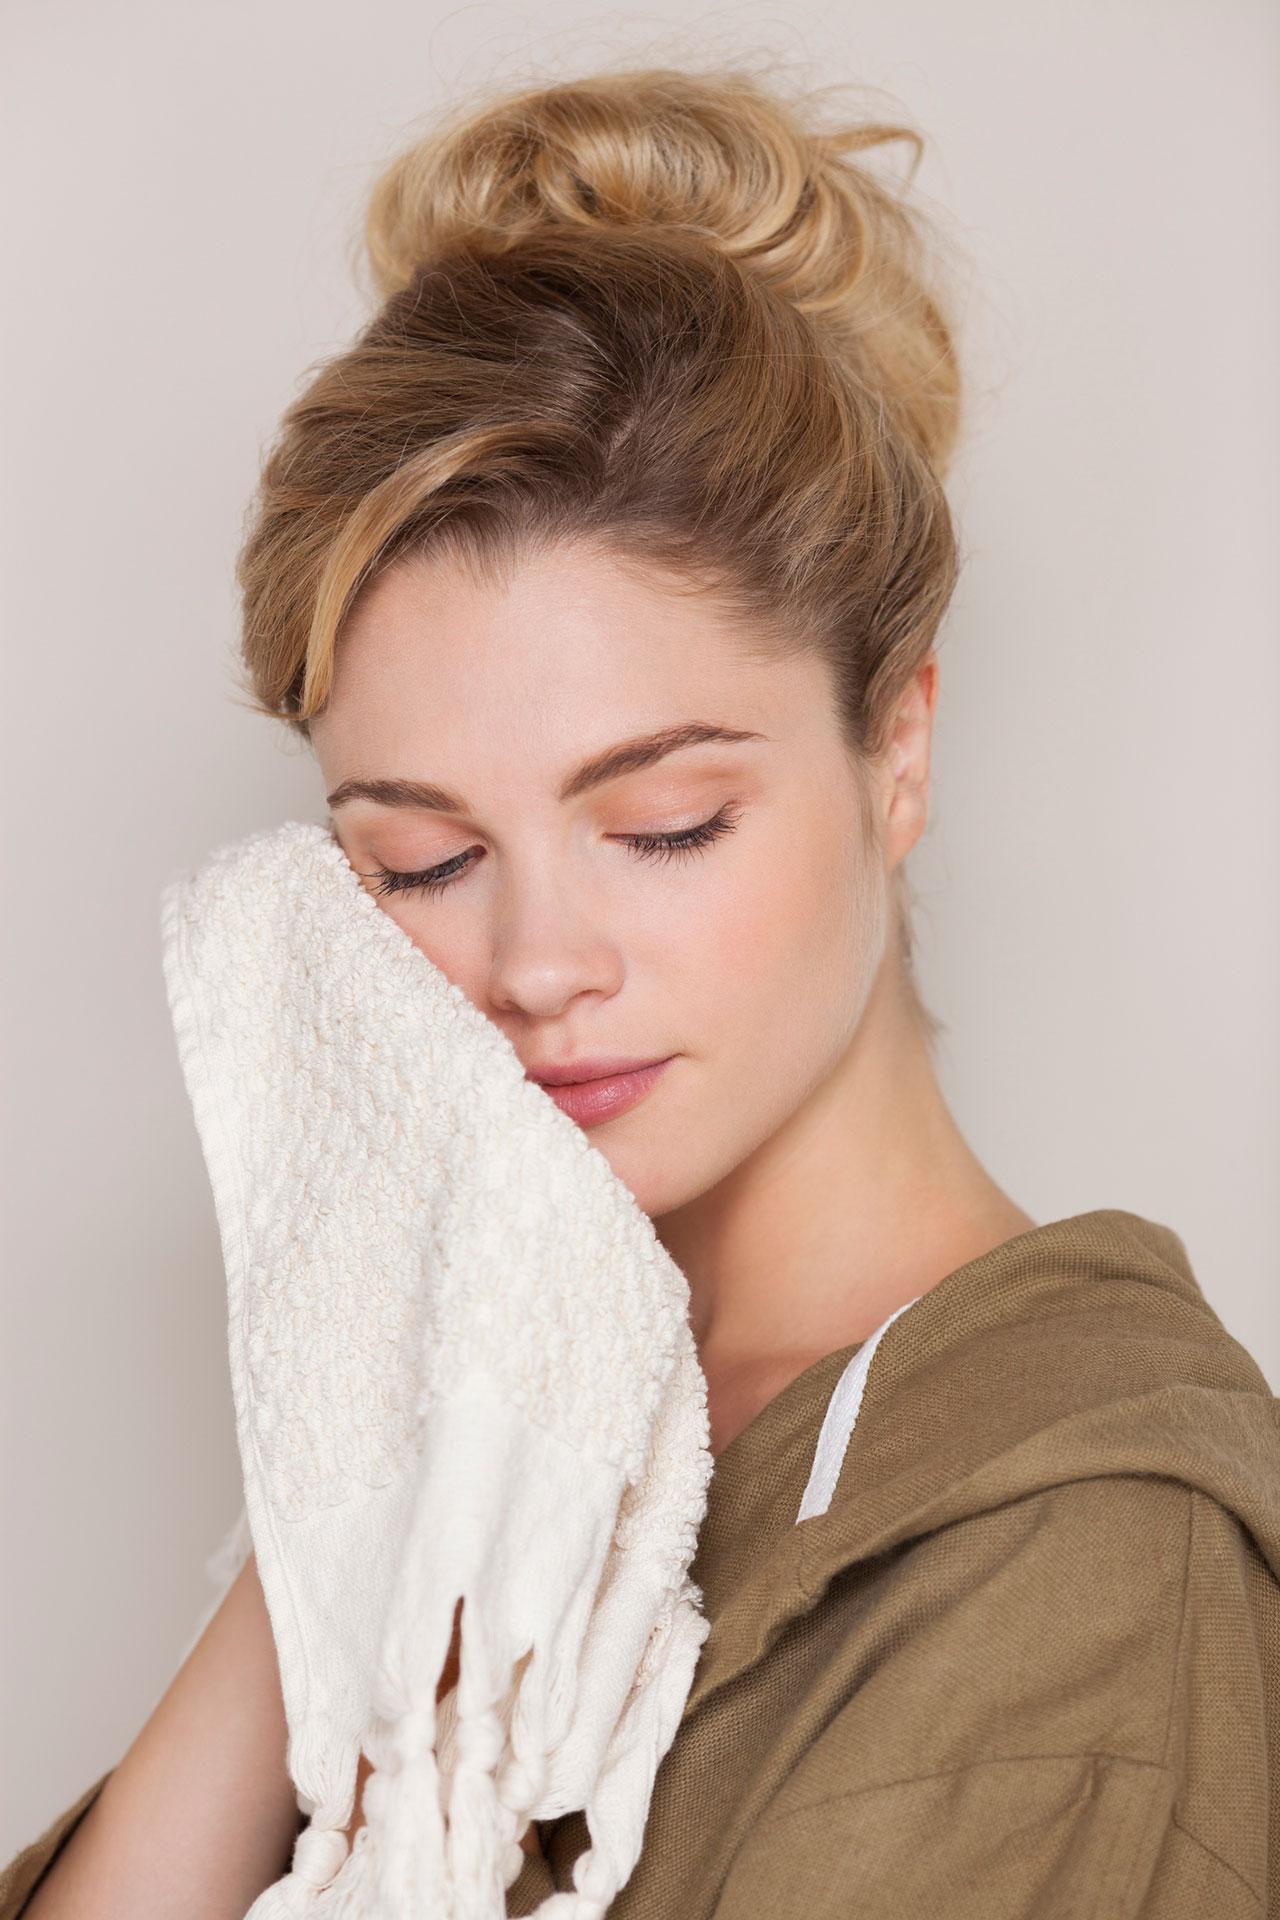 Kiểm tra loại bột giặt đang sử dụng để tránh gây kích ứng và dưỡng da